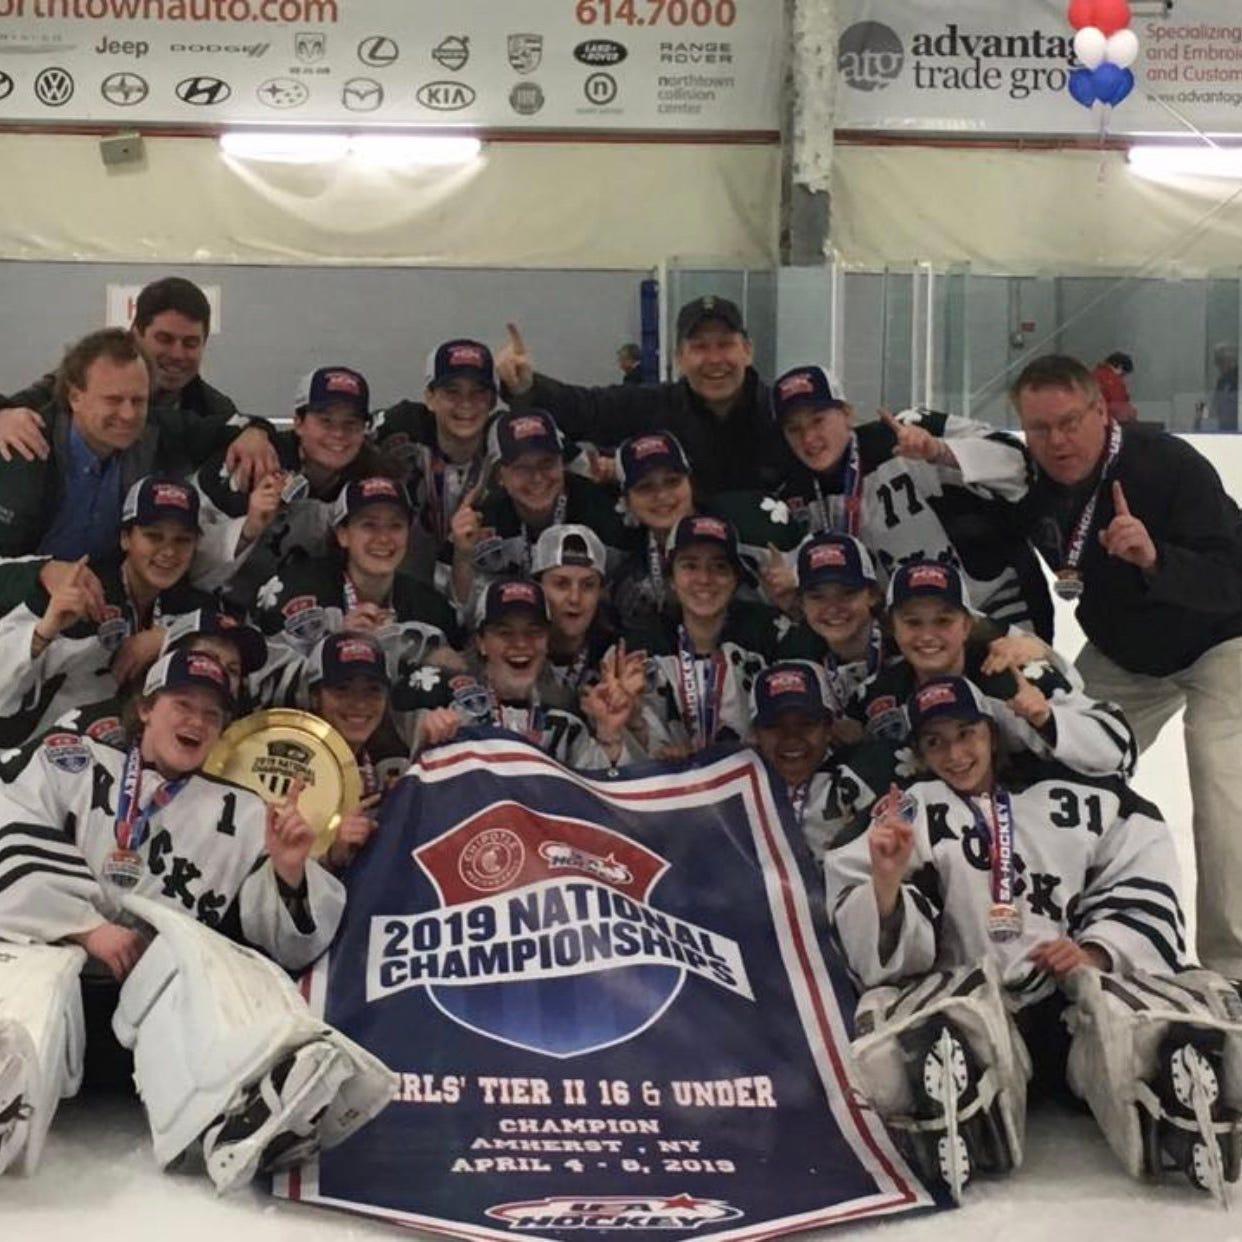 Vermont Shamrocks roll to girls hockey national championship